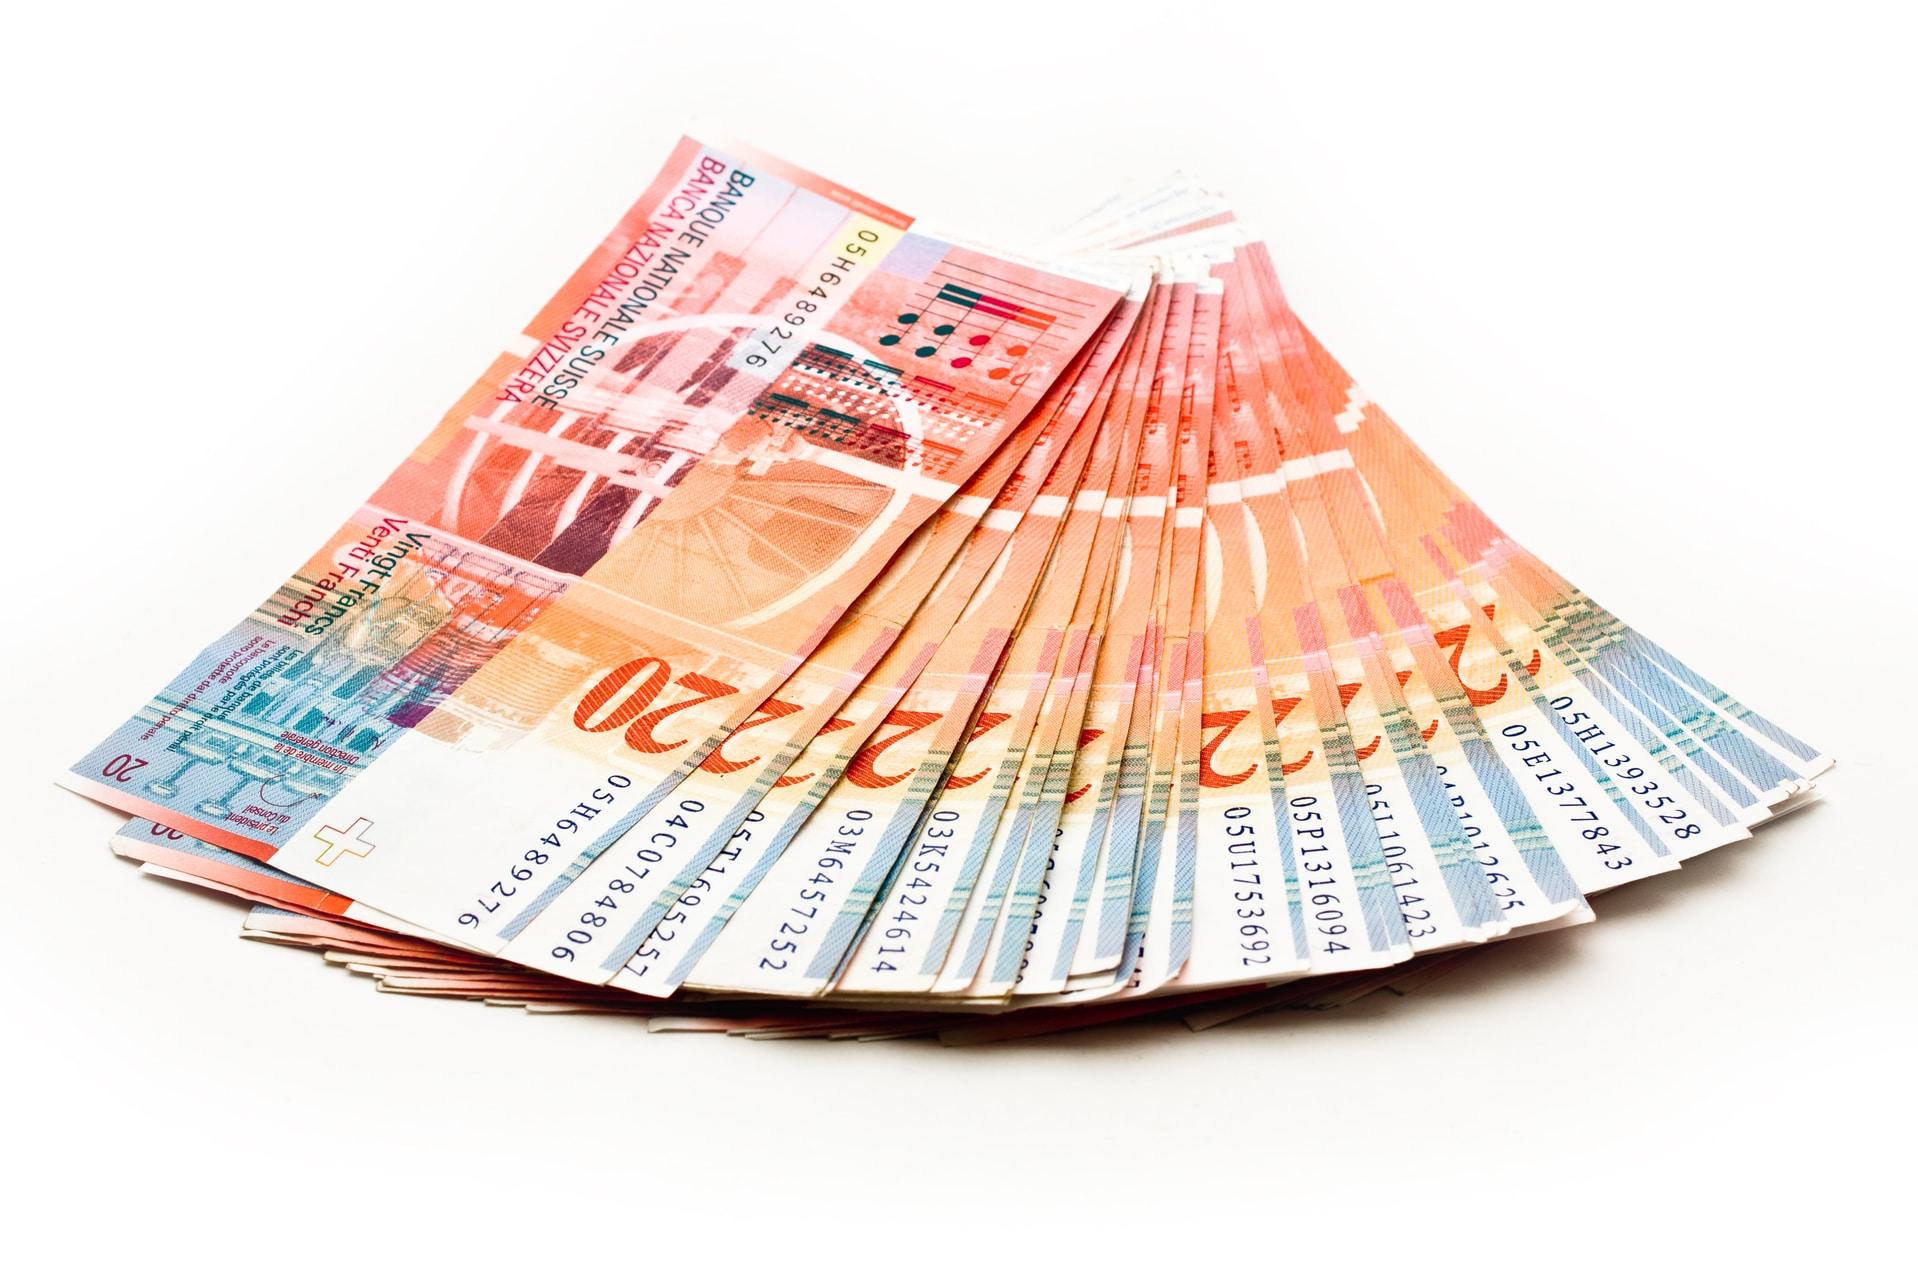 Changez d'assurance maladie Lamal et LCA avant le 30 octobre 2016 et profitez de 100 francs de cashback !